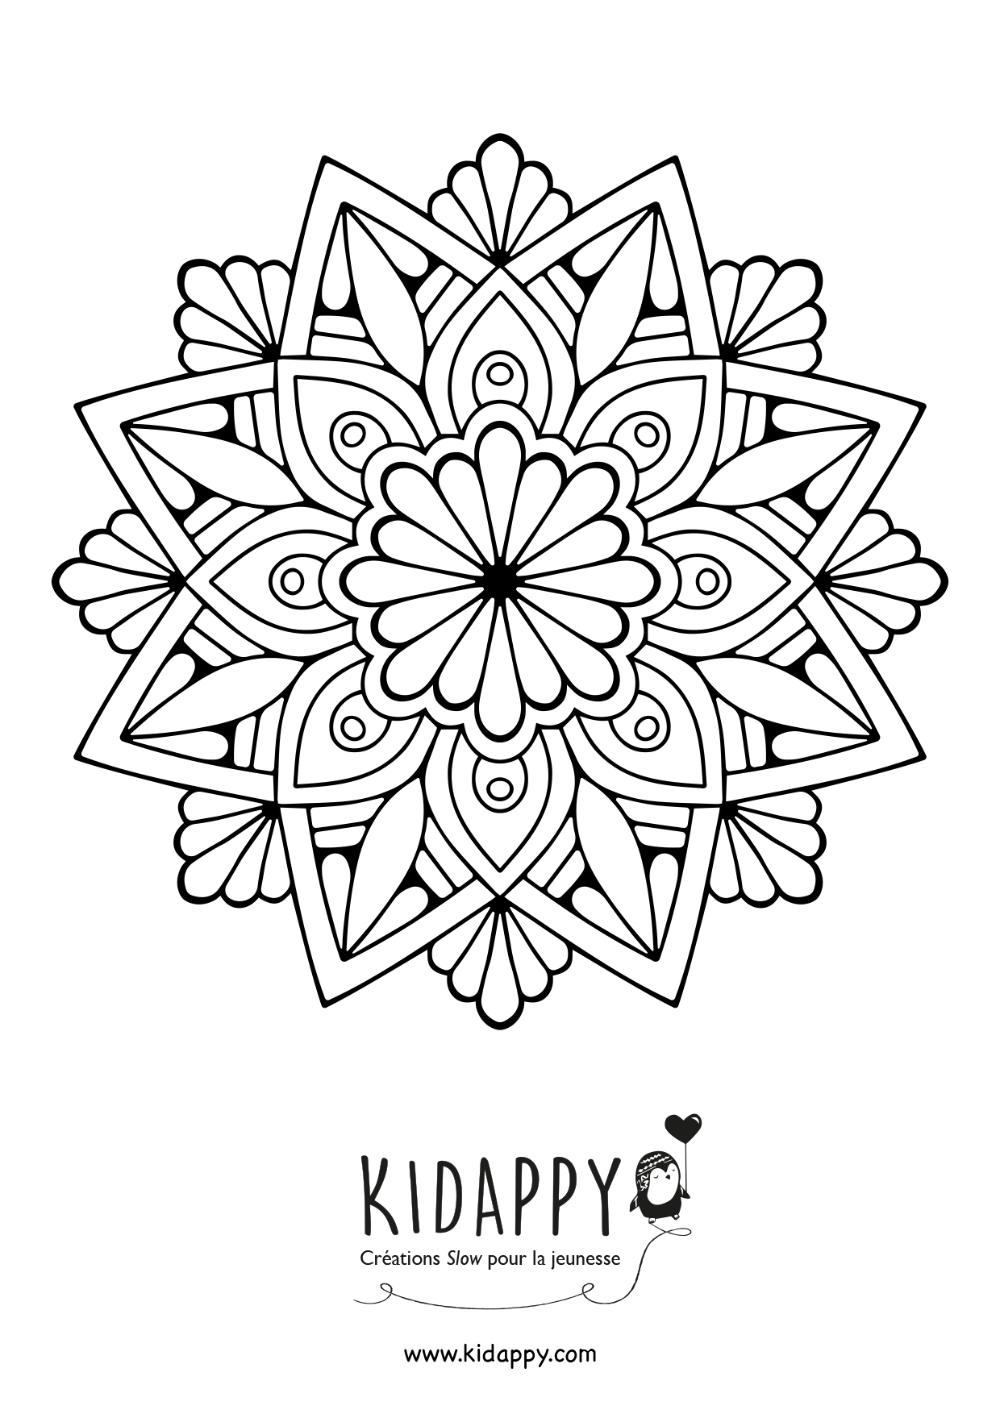 Mandala fleur – Kidappy   Coloriage mandala, Coloriage, Mandala